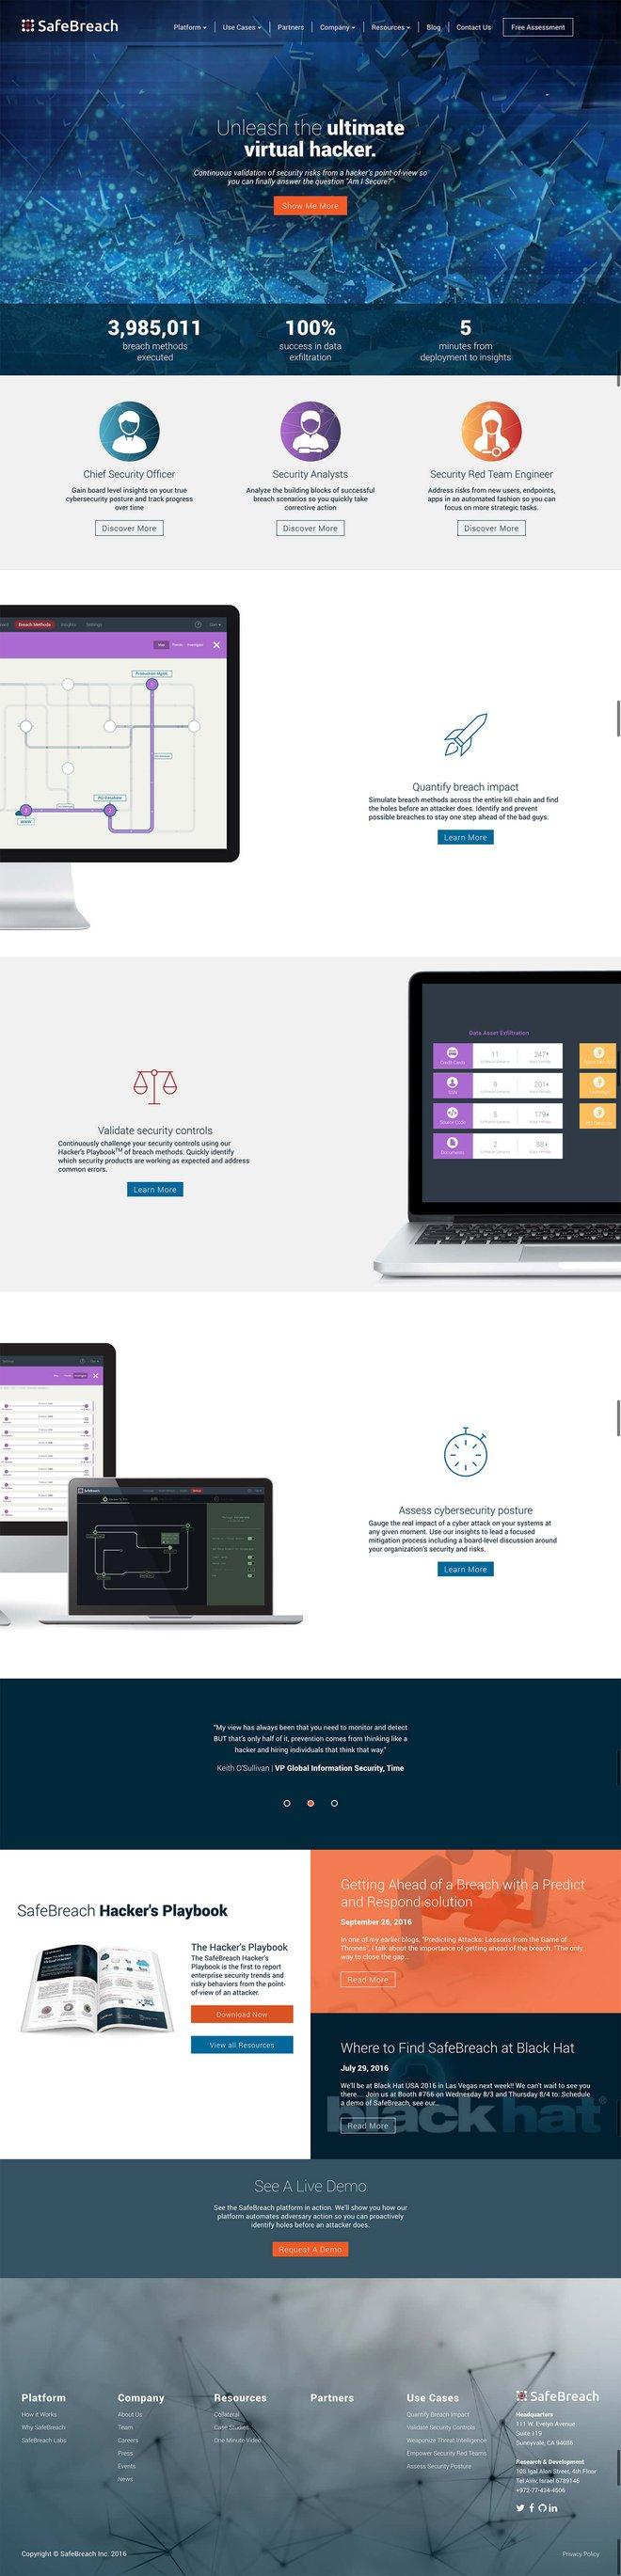 Safebreach Desktop-1.jpg